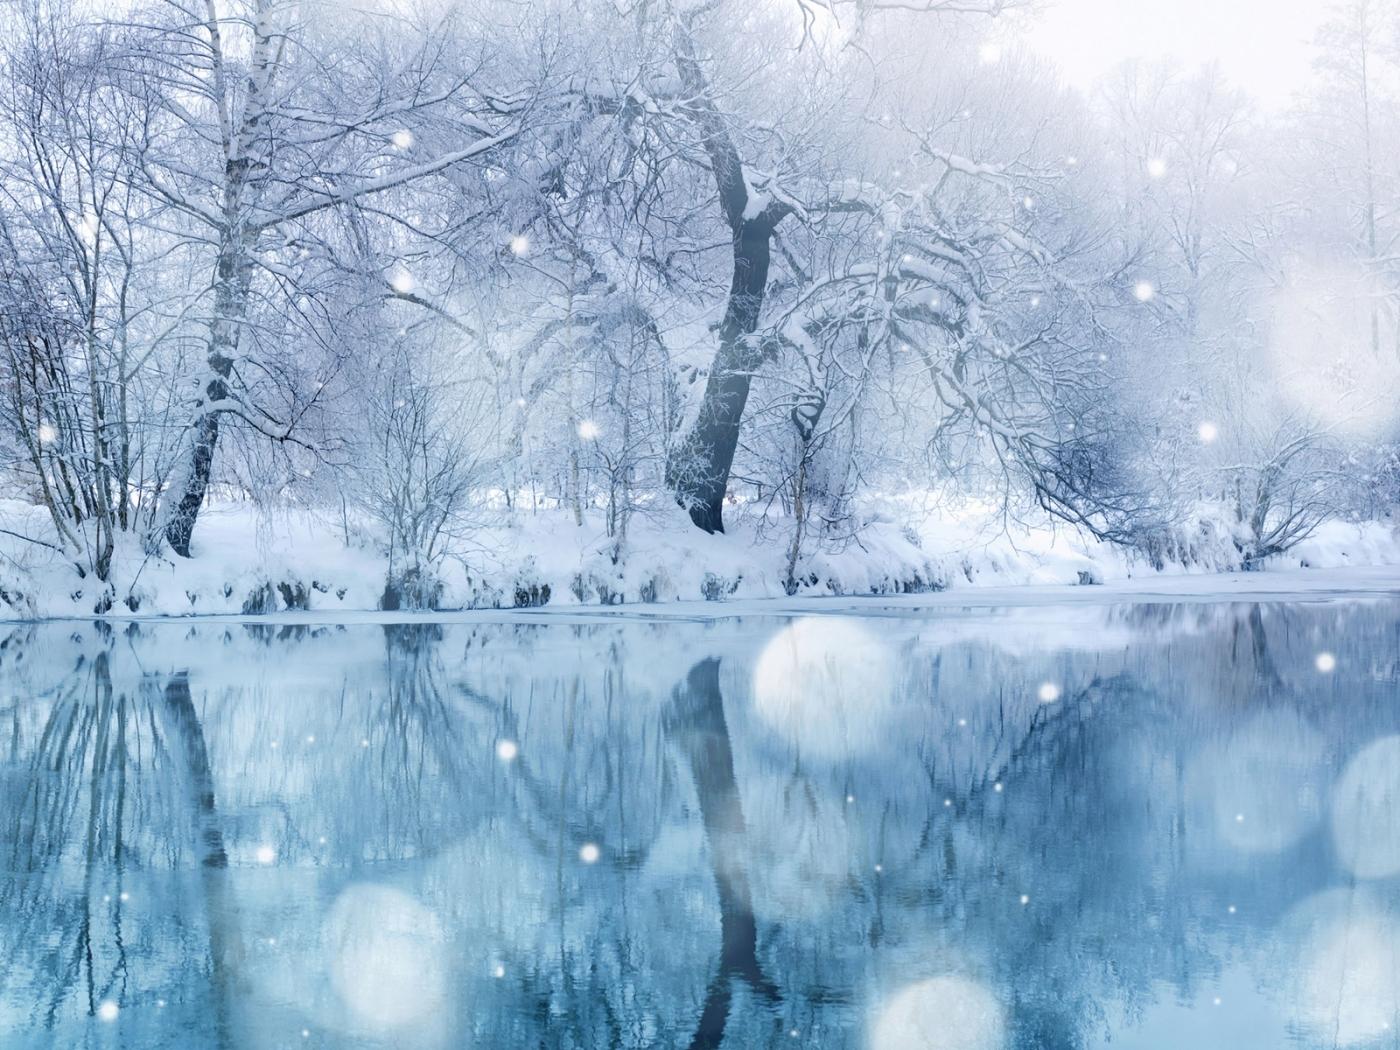 27934 скачать обои Пейзаж, Река, Деревья, Снег - заставки и картинки бесплатно